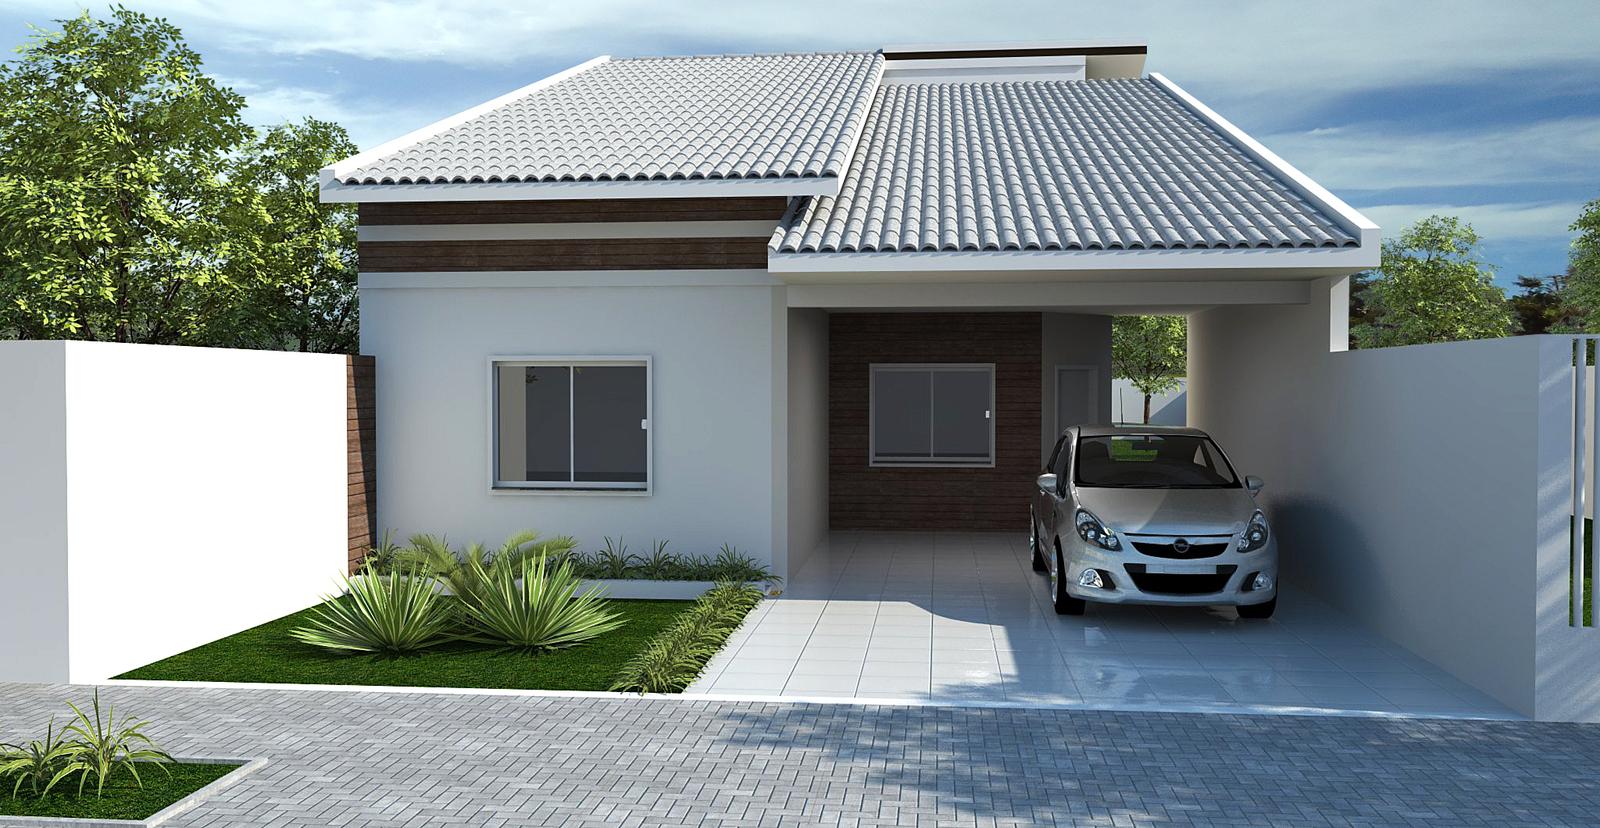 10 modelos de fachadas de casas baratas for Fotos de casas modernas tipo 2